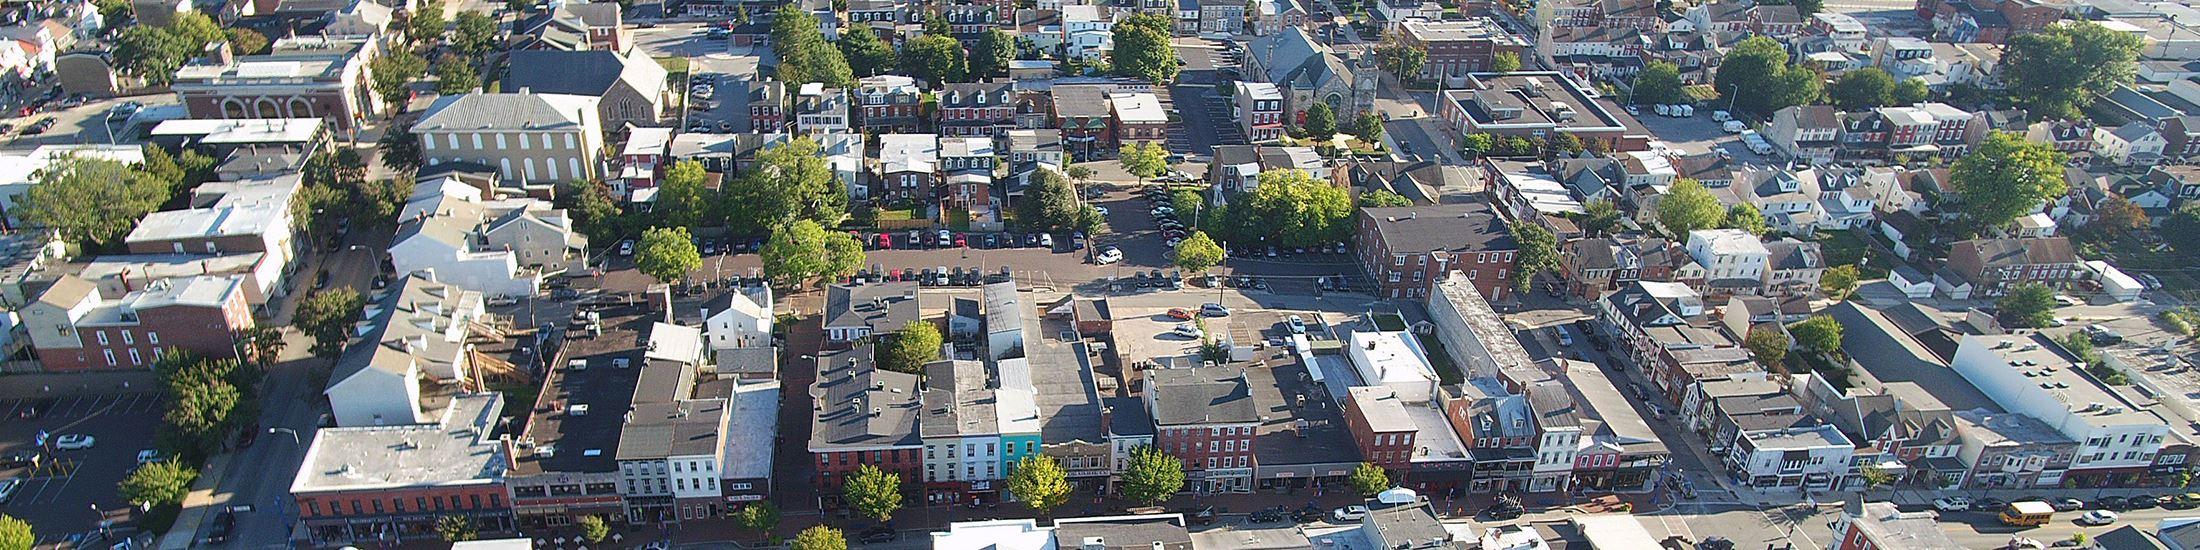 Payment Options | Phoenixville Borough, PA